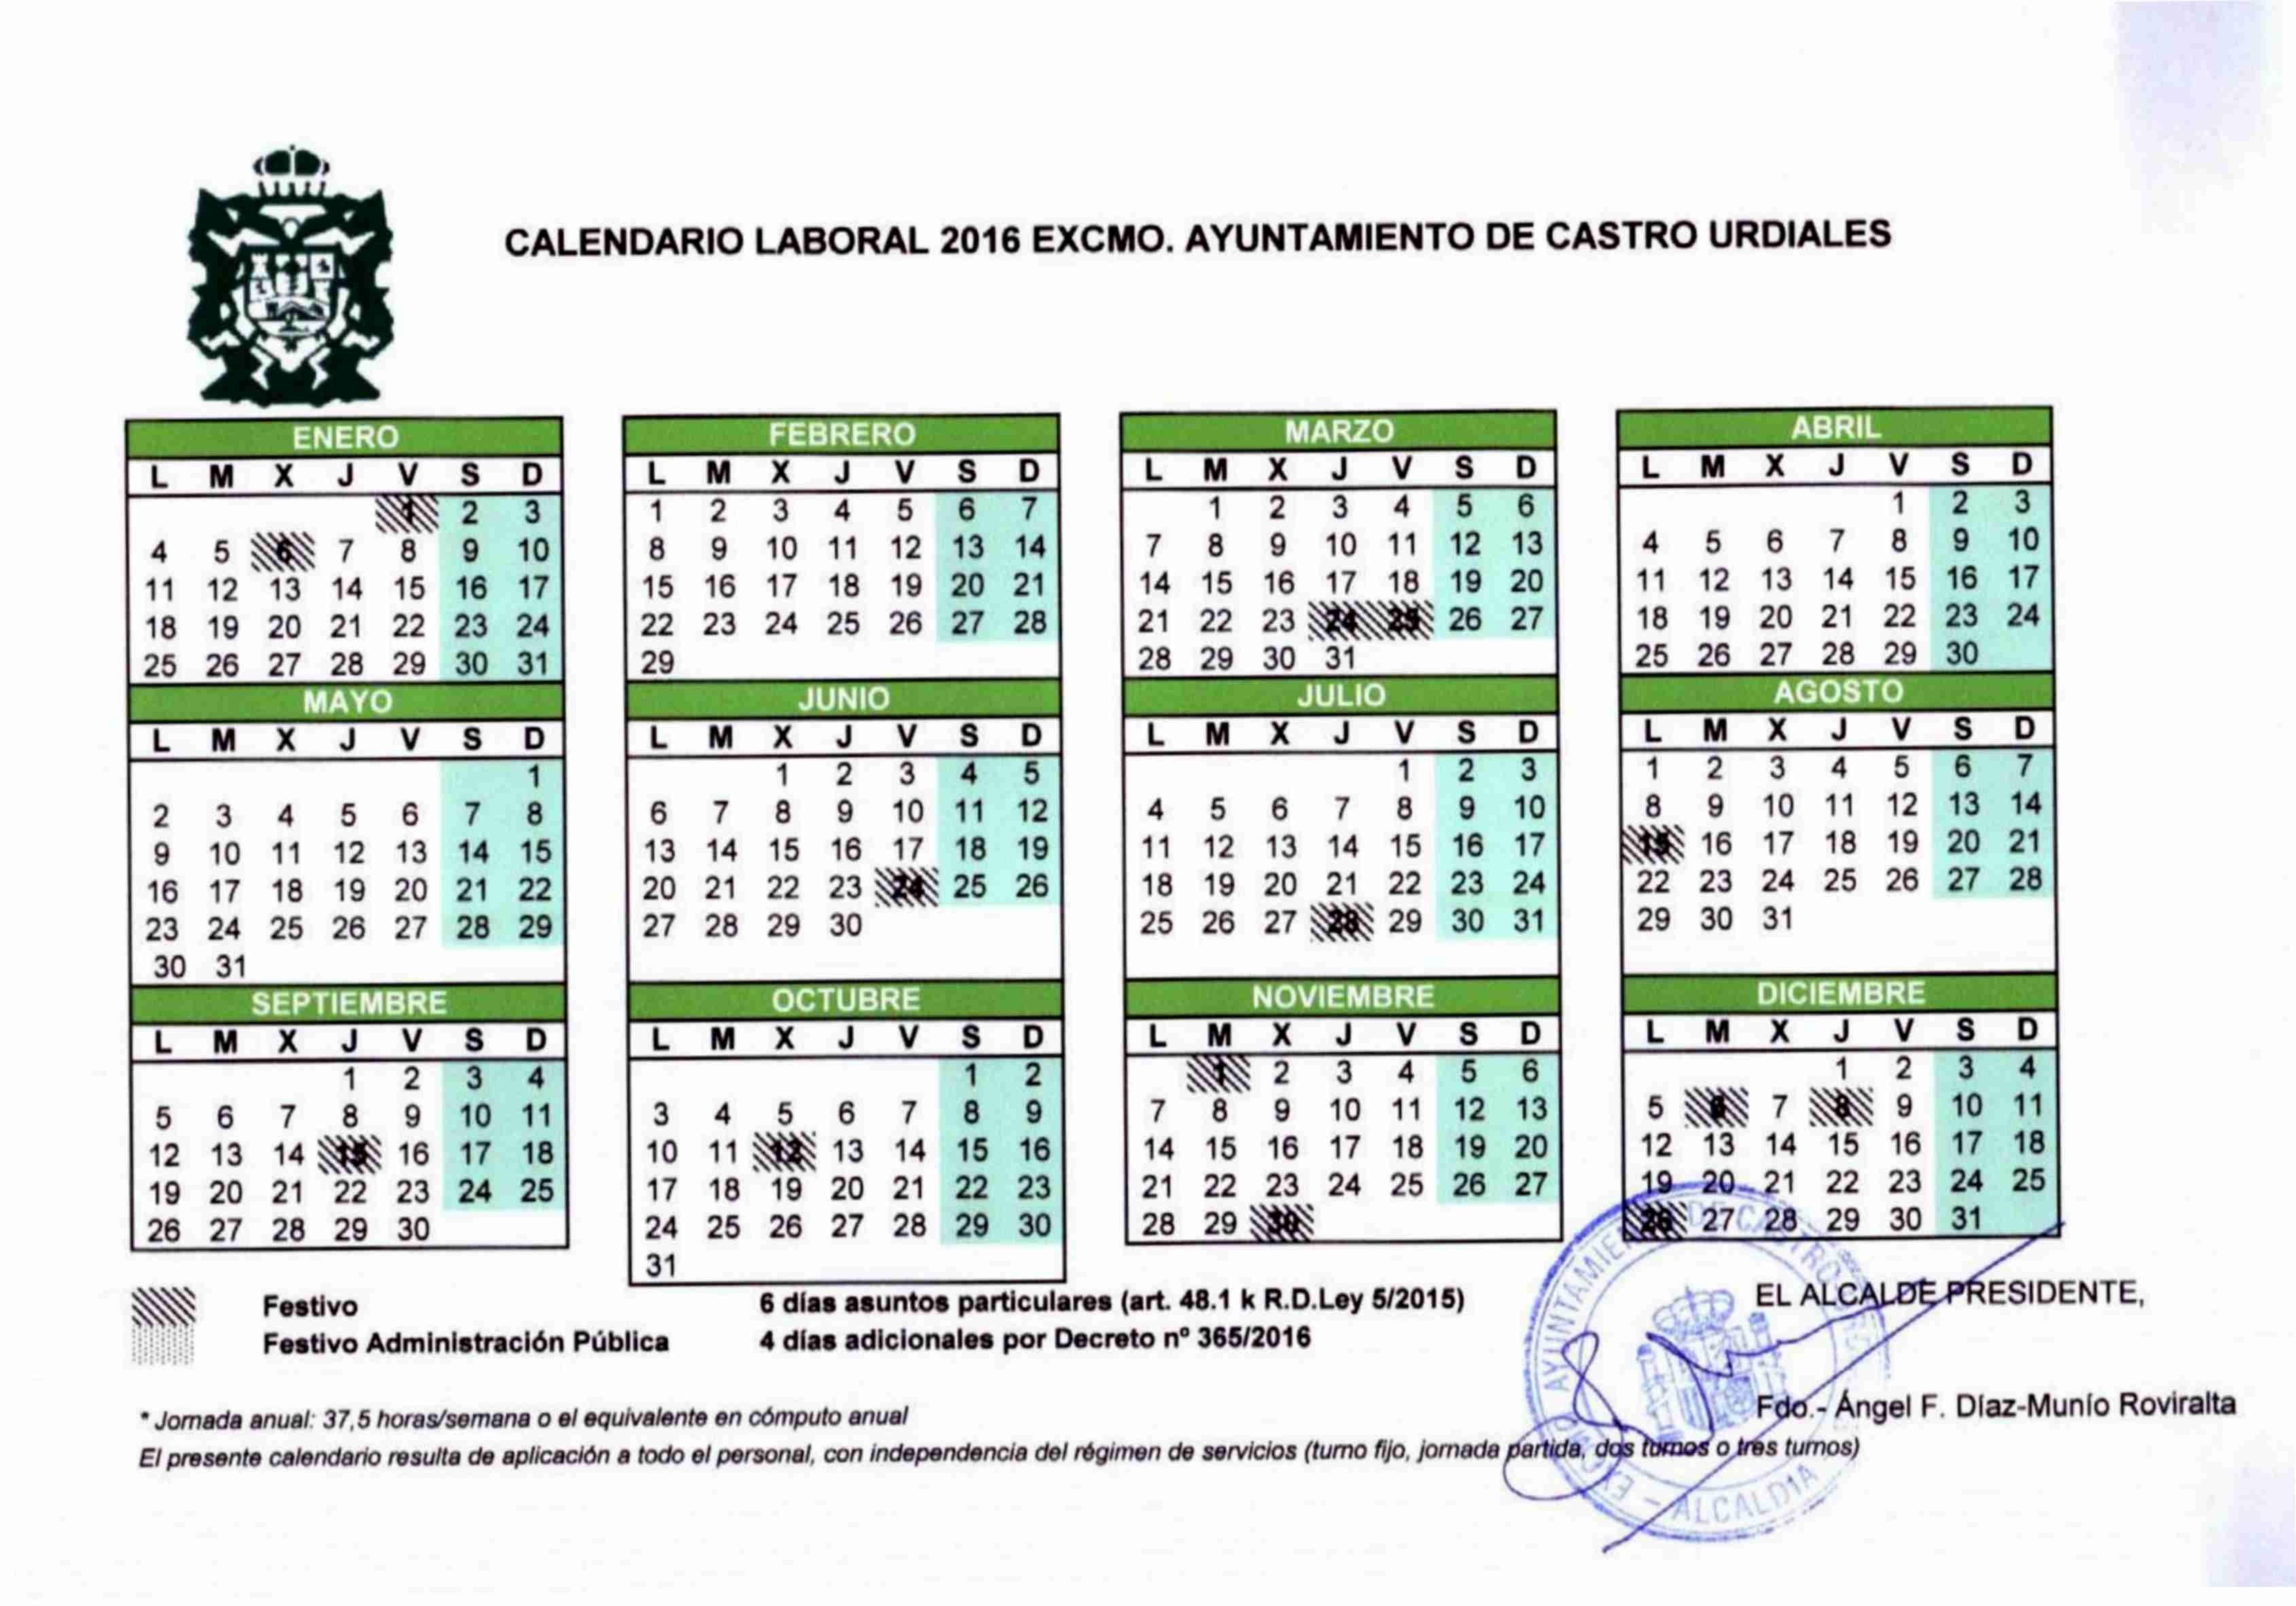 Imprimir Calendario Laboral 2017 Más Recientes Calendario Laboral 2016 Ayuntamiento De Castro Urdiales